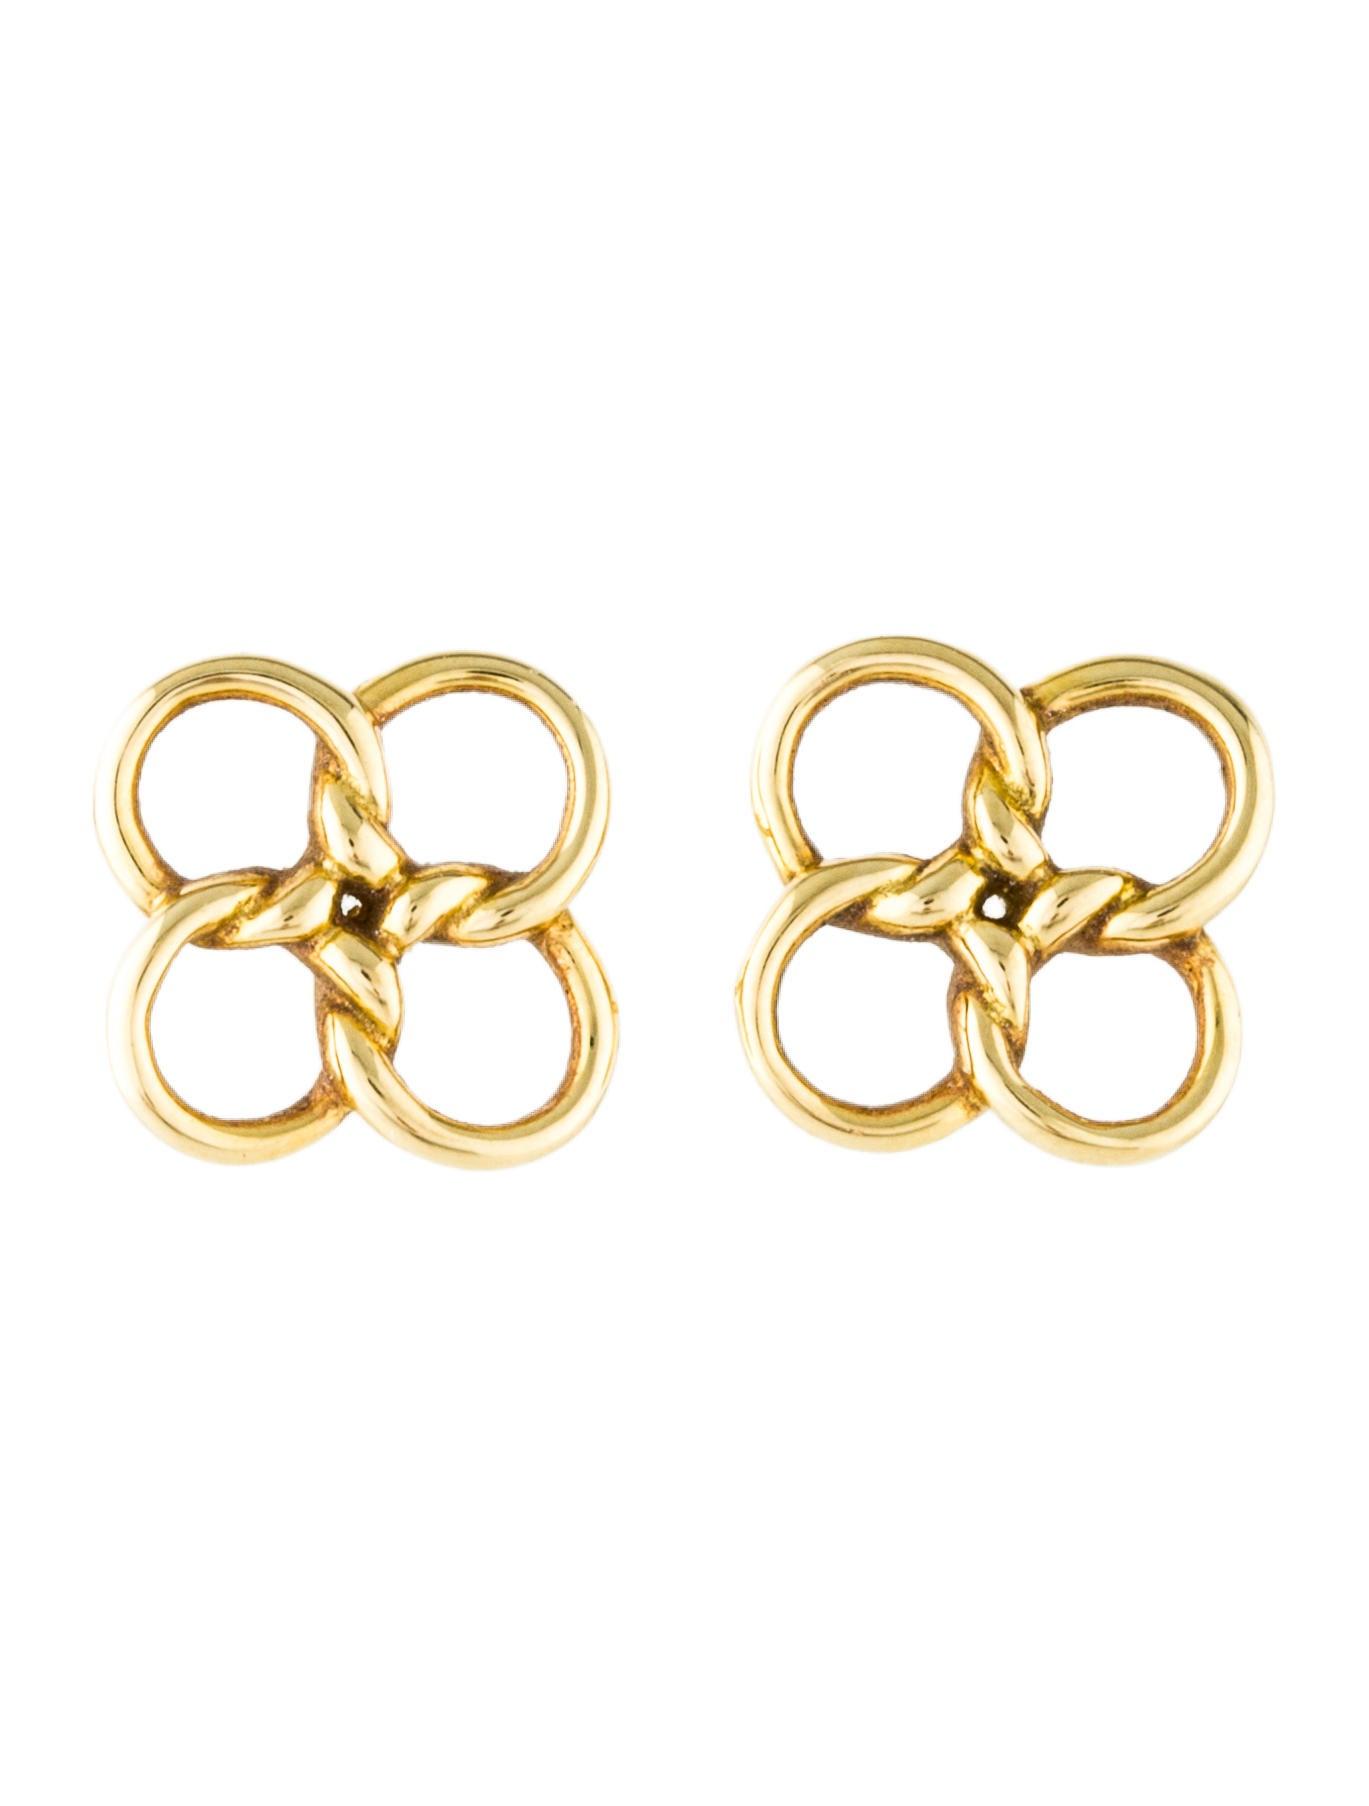 e452cece9 Tiffany & Co. 18K Quadrifoglio Stud Earrings - Earrings - TIF73349 ...